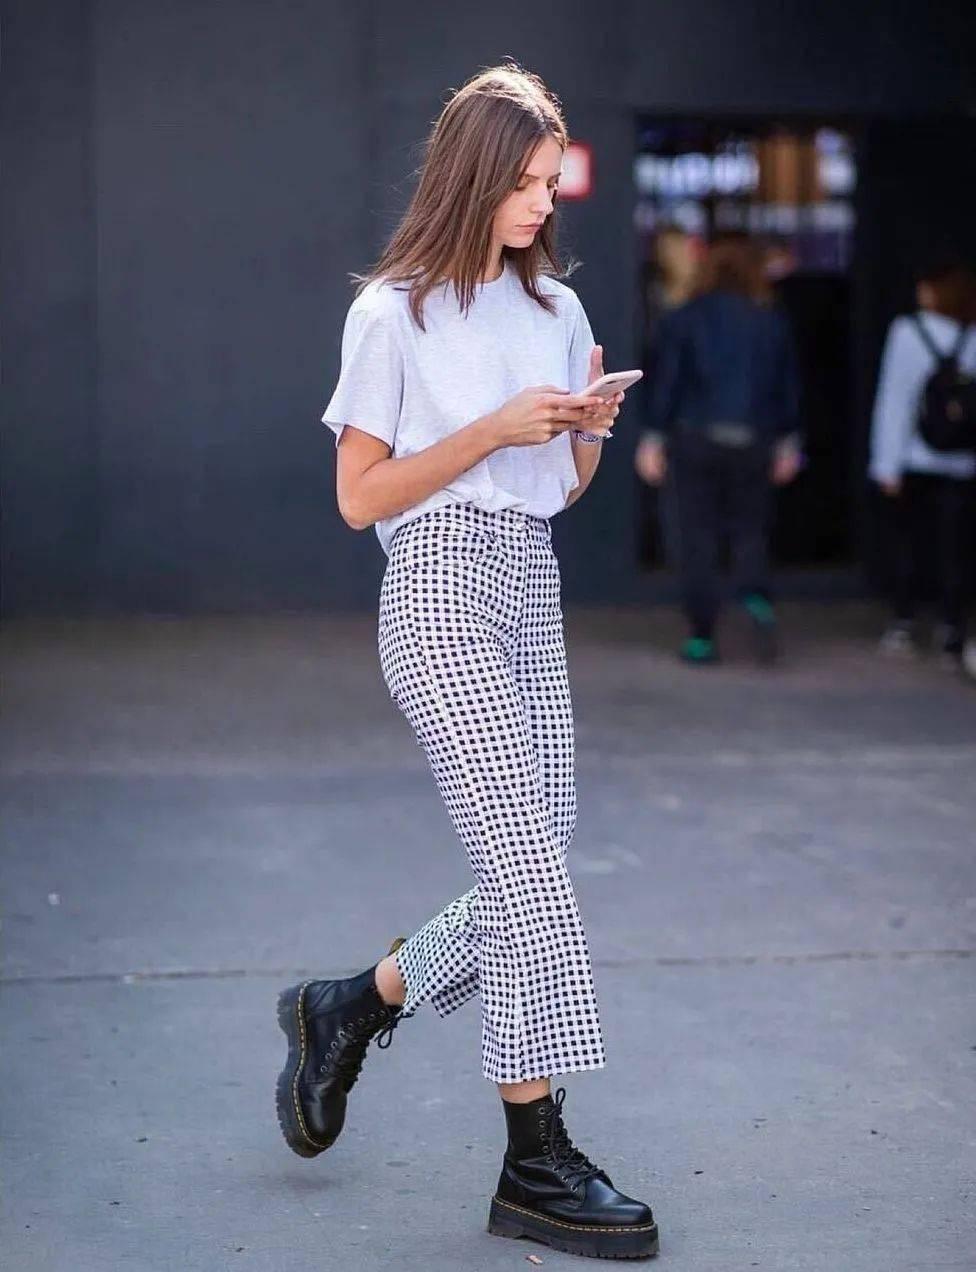 马丁靴+裙子,马丁靴+工装裤……又酷又撩,时髦炸了!     第51张